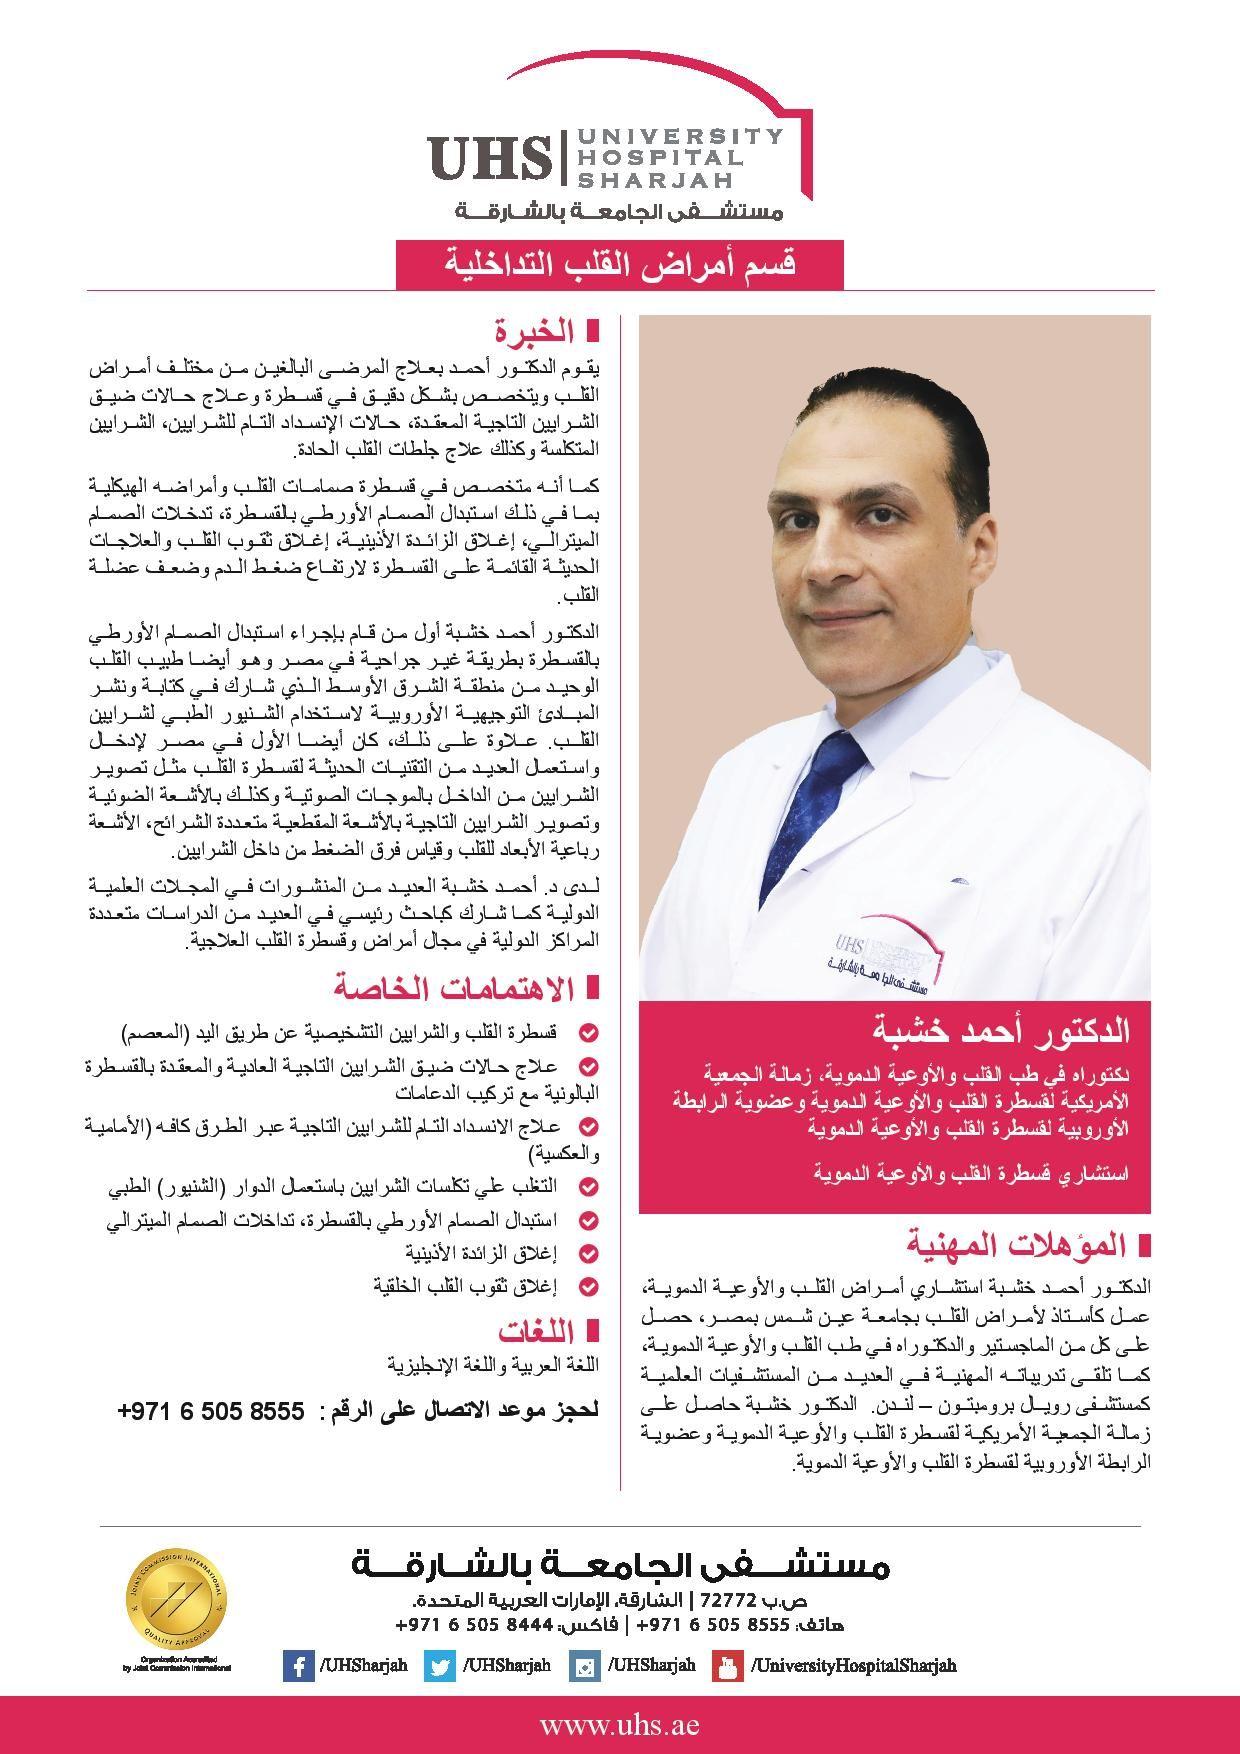 الدكتور أحمد خشبة إستشاري قسطرة القلب والأوعية الدموية حاصل على دكتوراه في طب القلب والأوعية الدموية زمالة الجمعية الأمريكي Health Care World Class Hospital